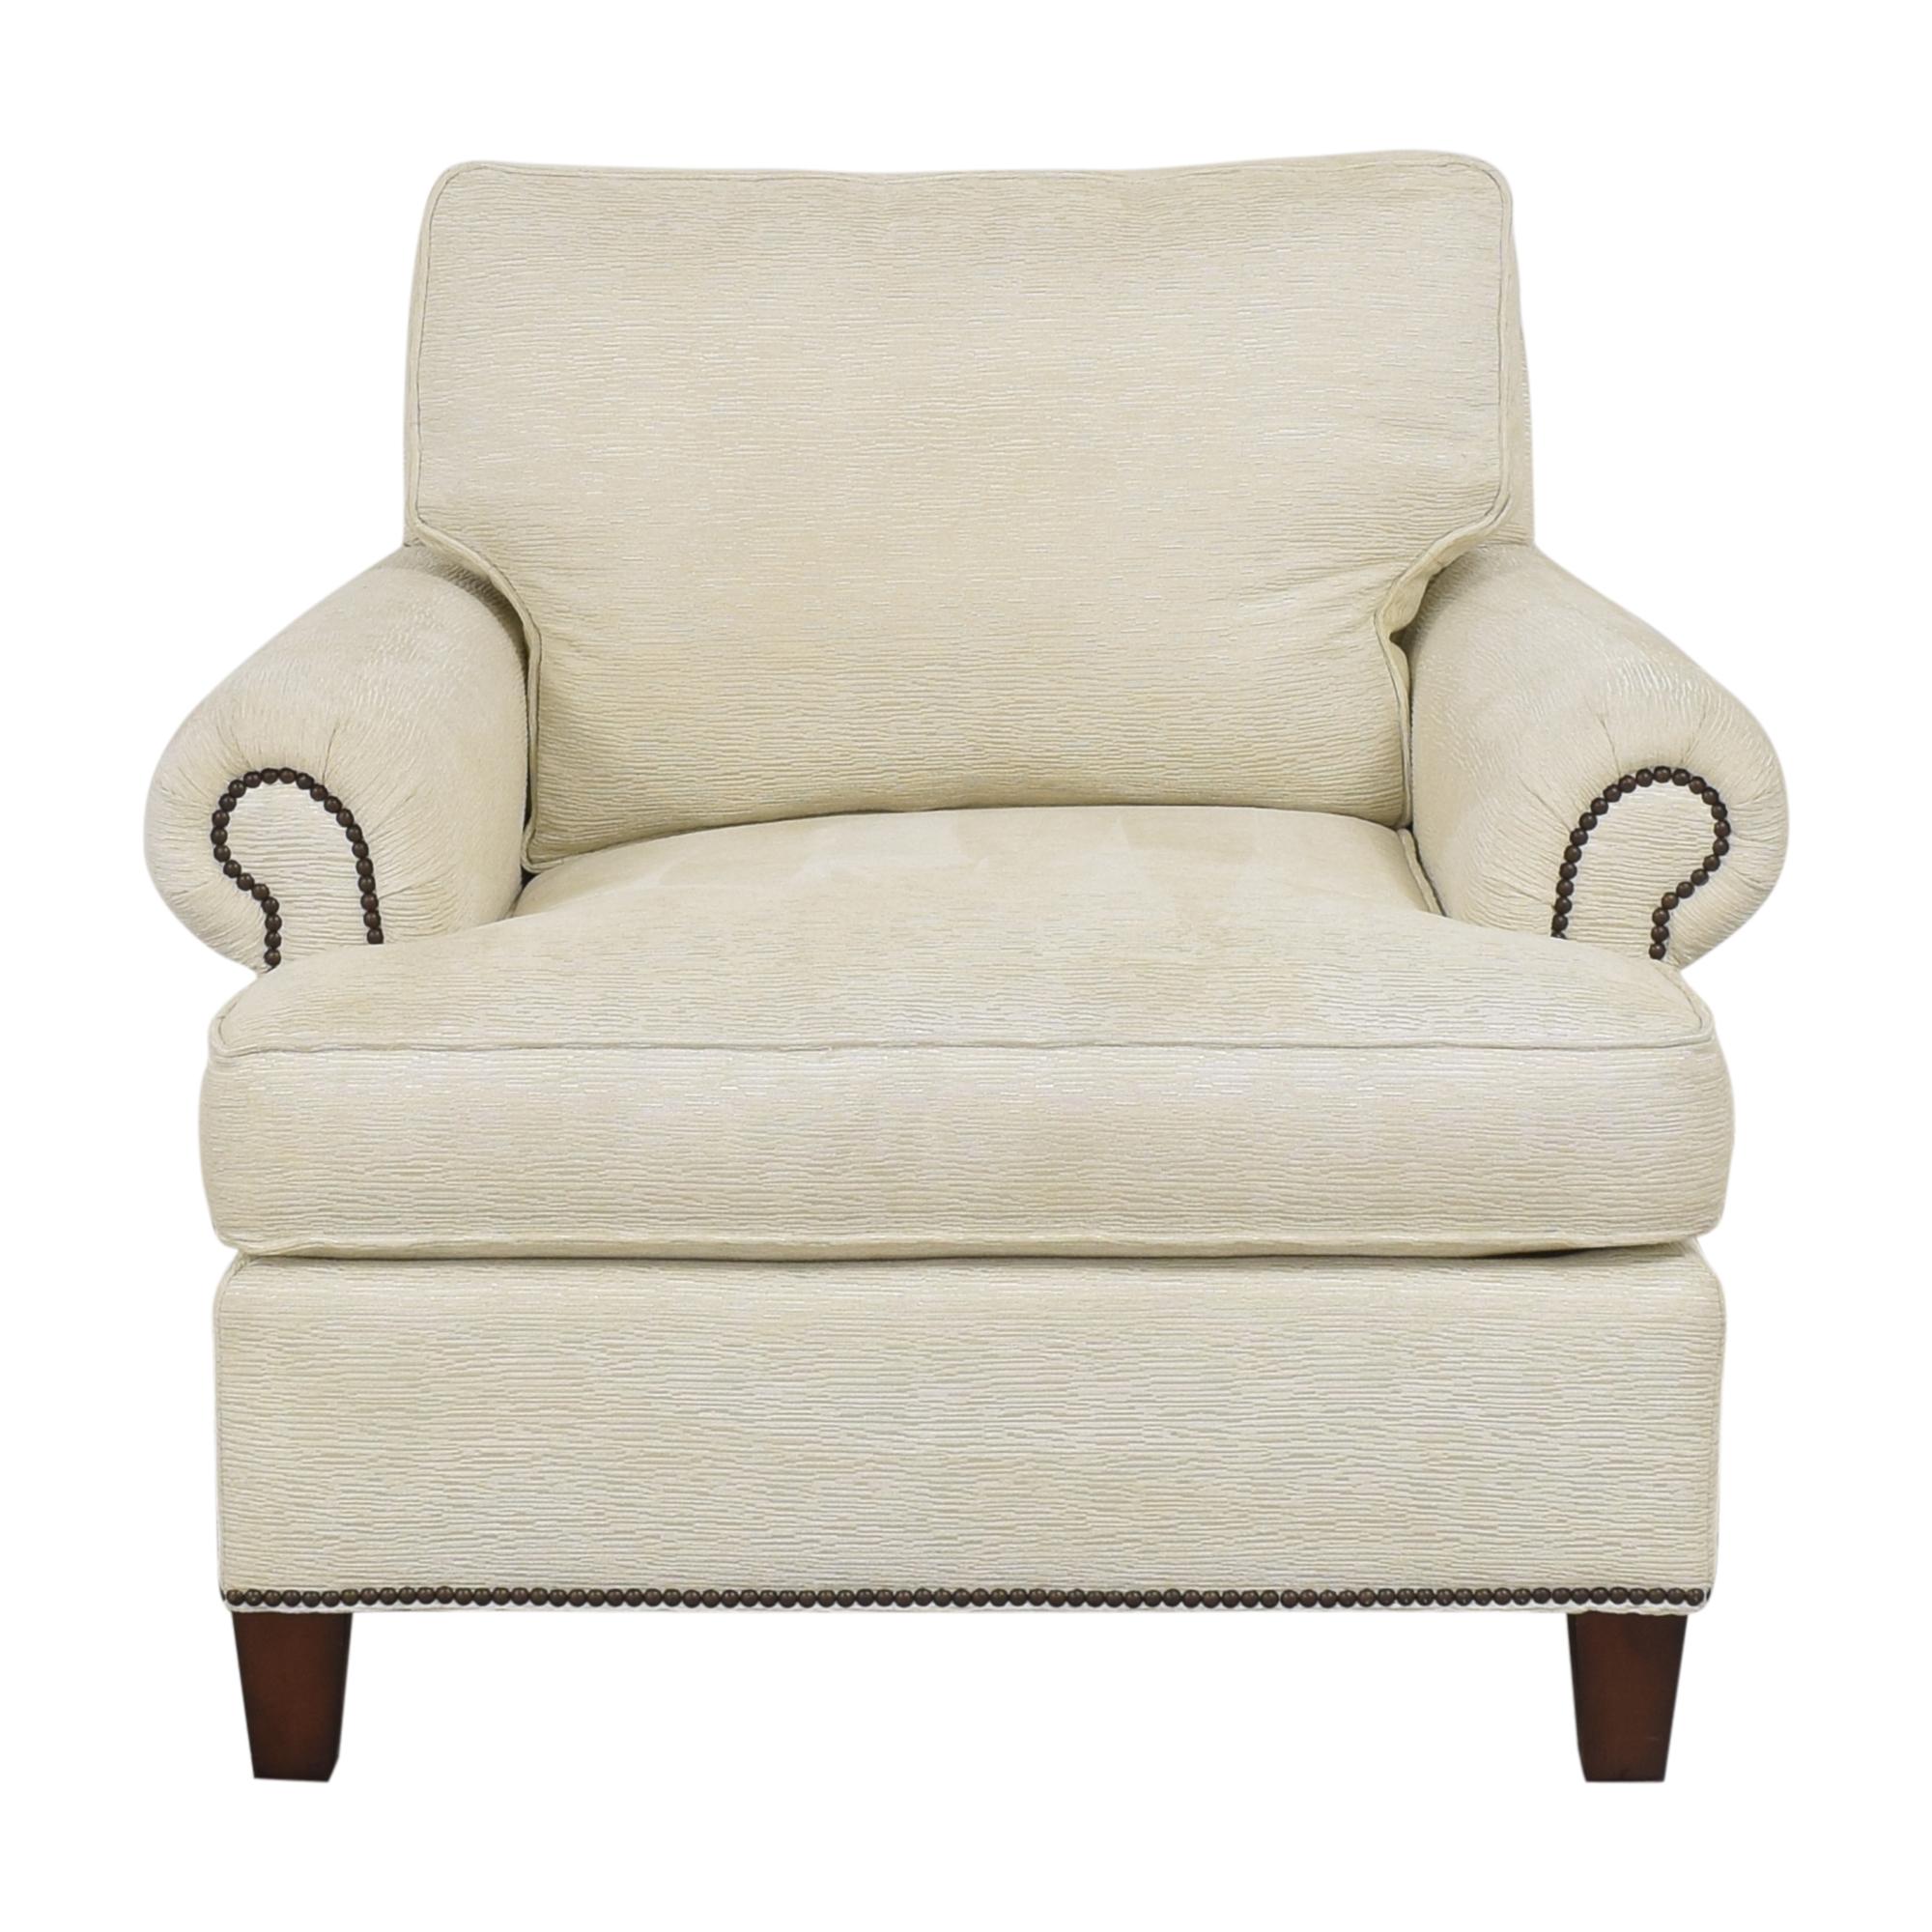 Bernhardt Bernhardt Accent Chair Accent Chairs